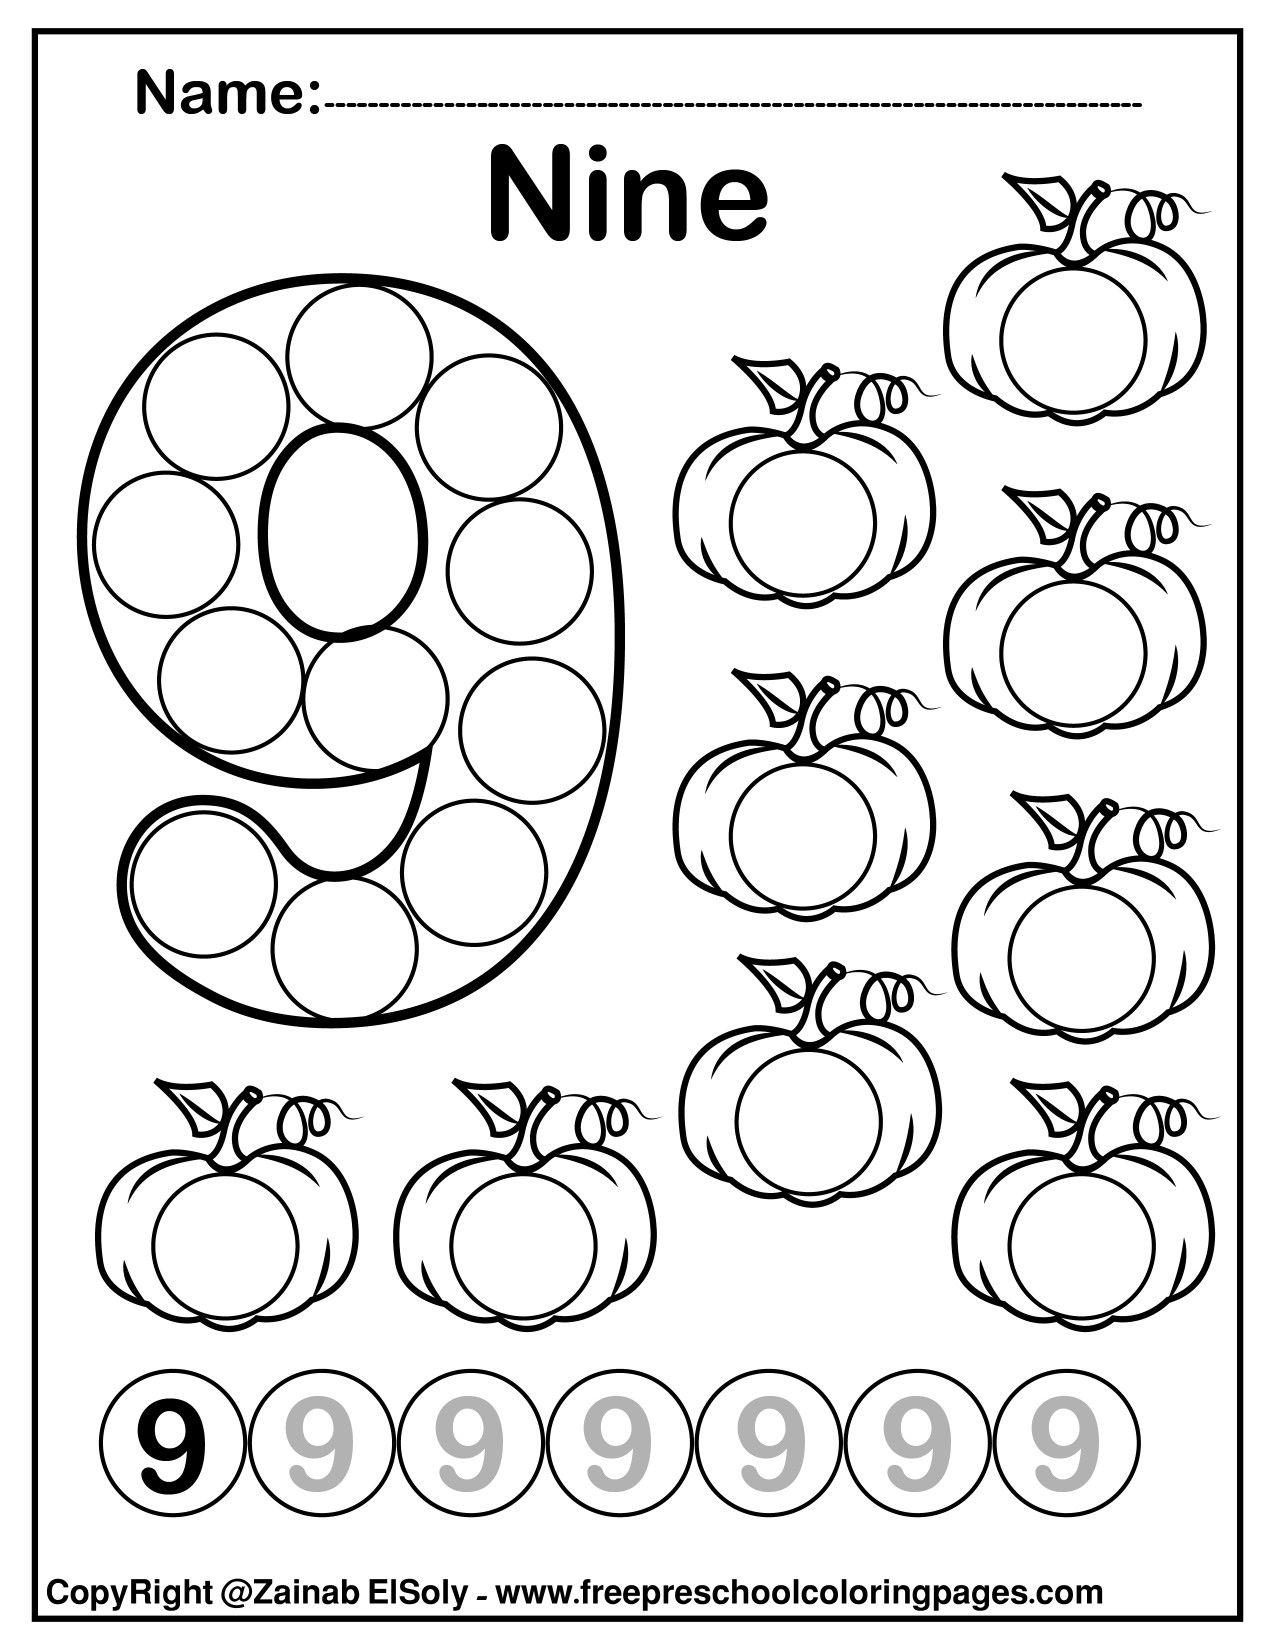 Number 9 Nine Do A Dot Marker Activity Activity Pumpkins Fall Autumn Activity For Kids Math Activities Preschool Dot Markers Free Preschool